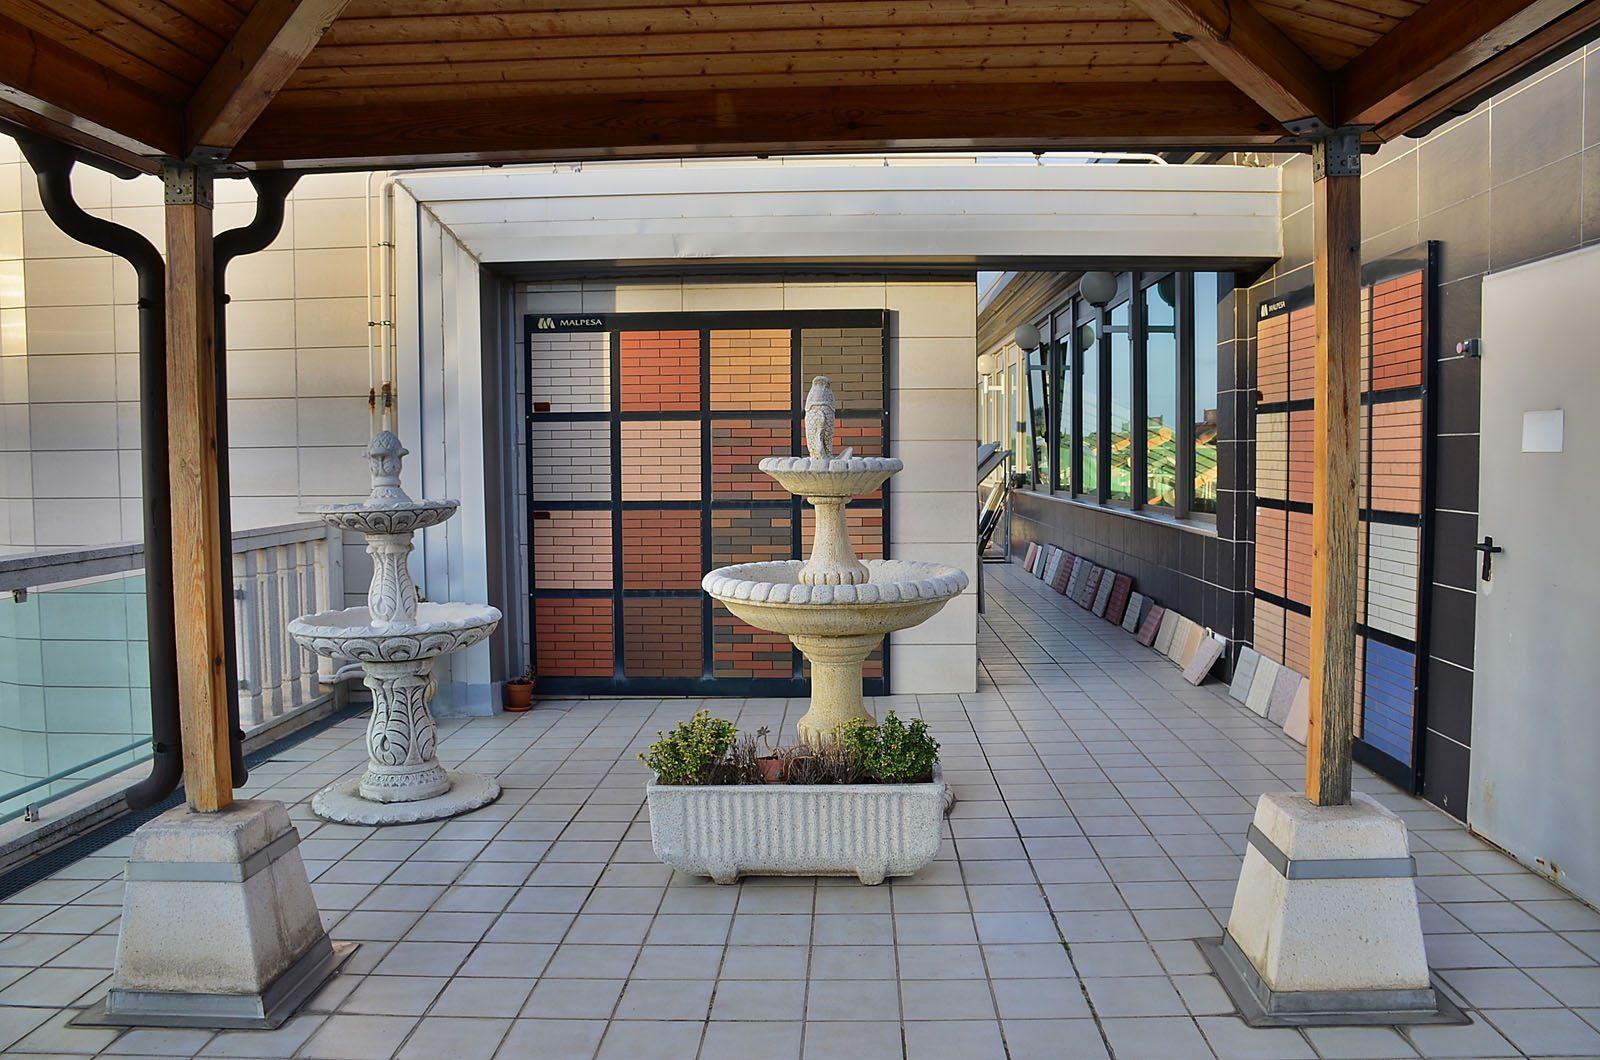 Proveedores para empresas y particulares de materiales para exteriores